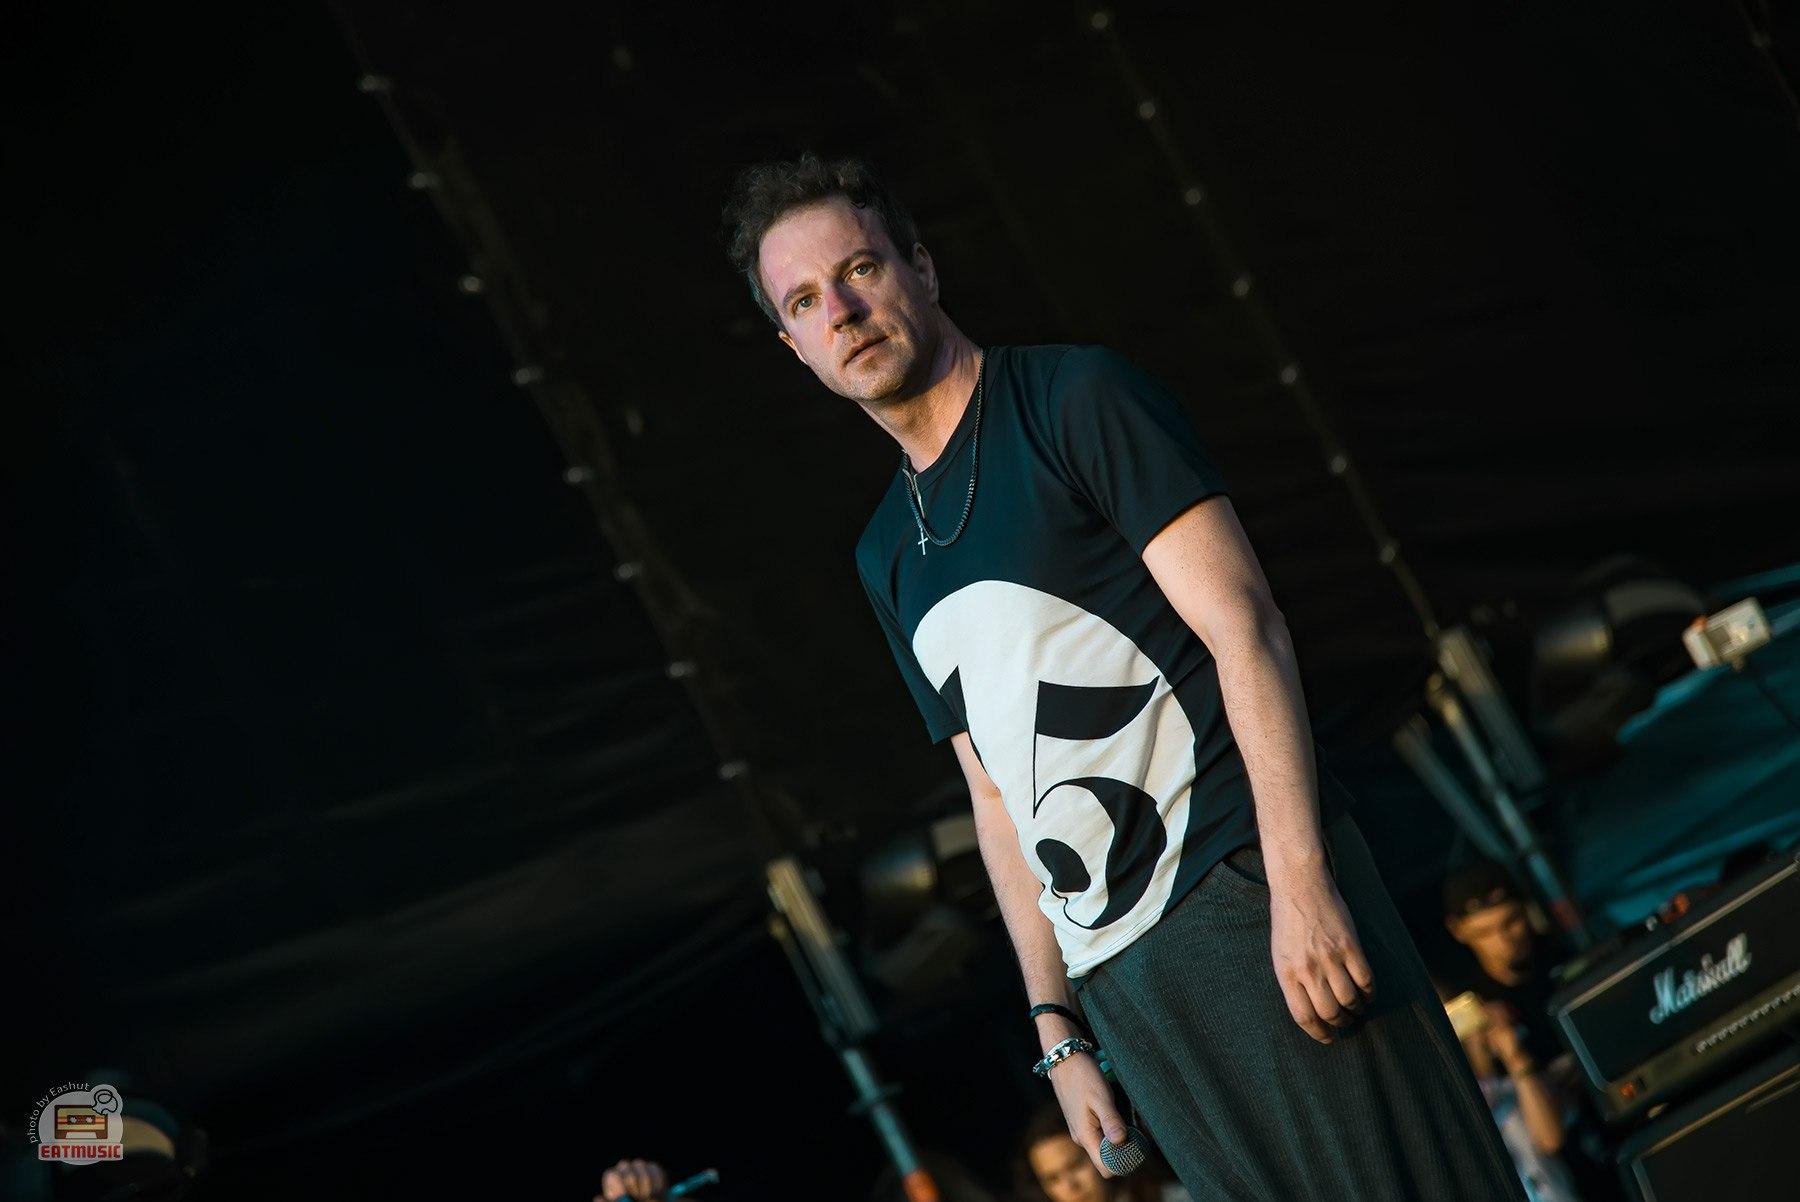 Александр «Михалыч» Красовицкий в интервью: «Animal ДжаZ на 100% всегда интересовала музыка и только музыка!»